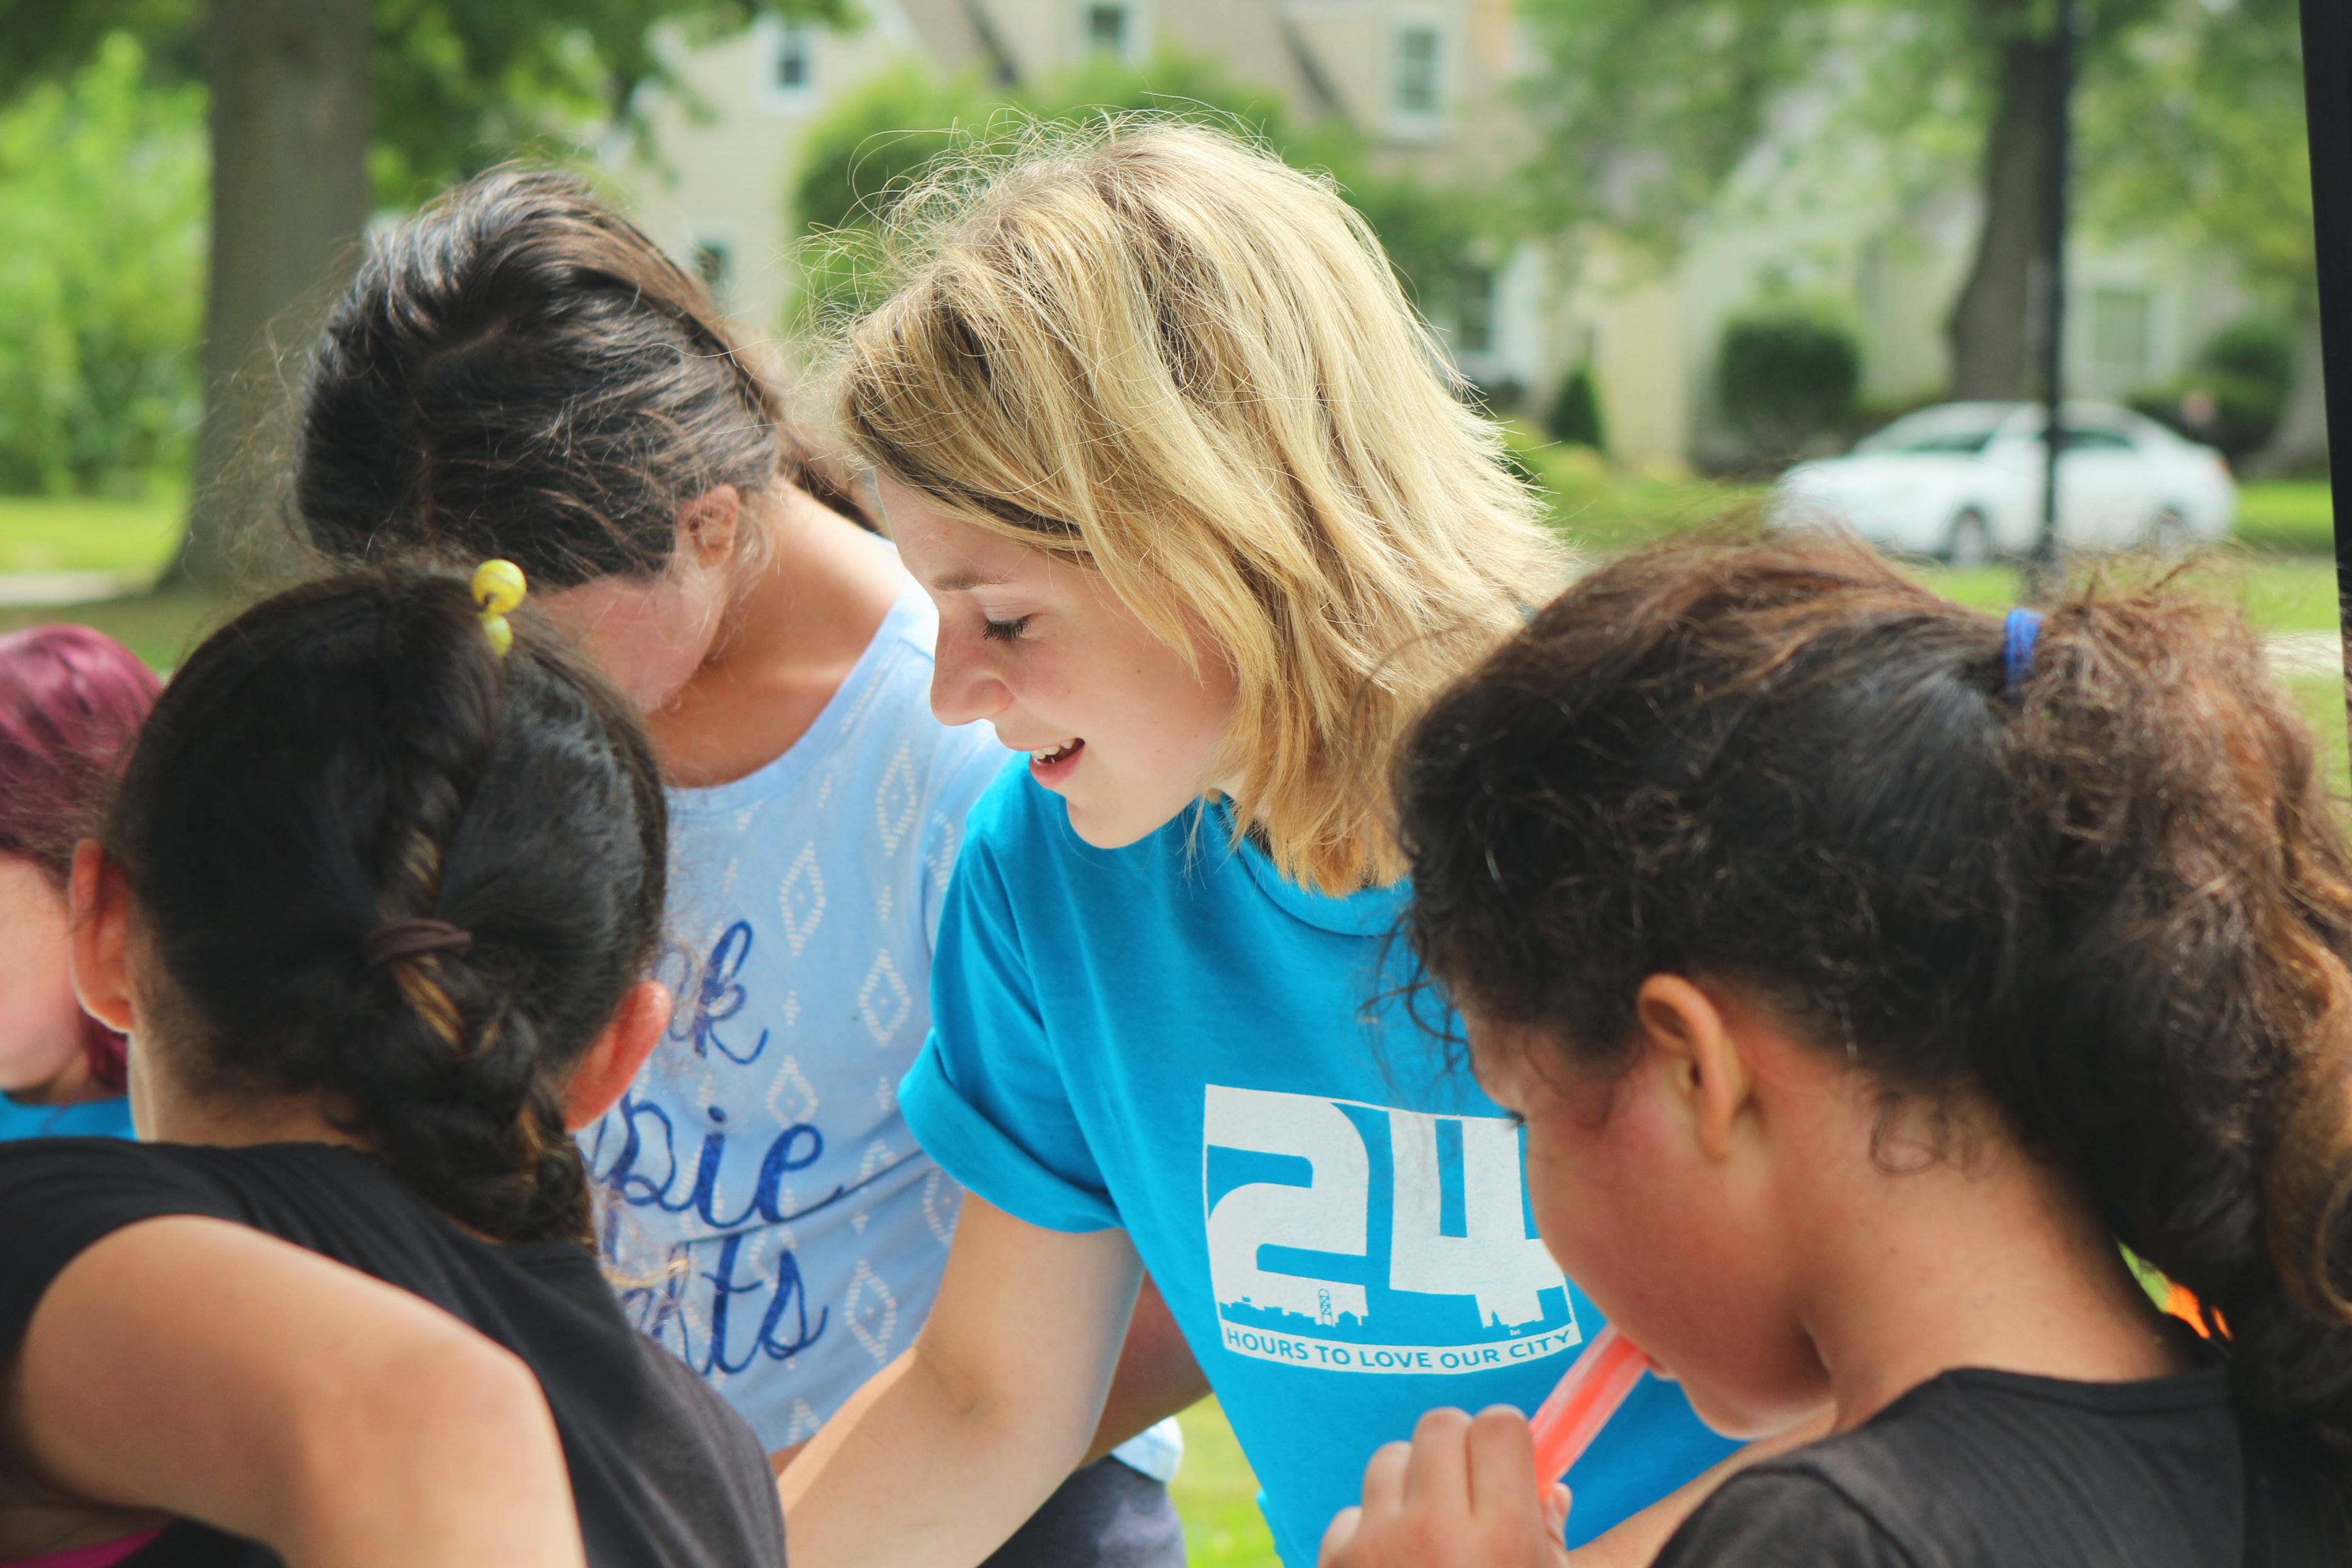 Blonde woman in blue shirt volunteering around children